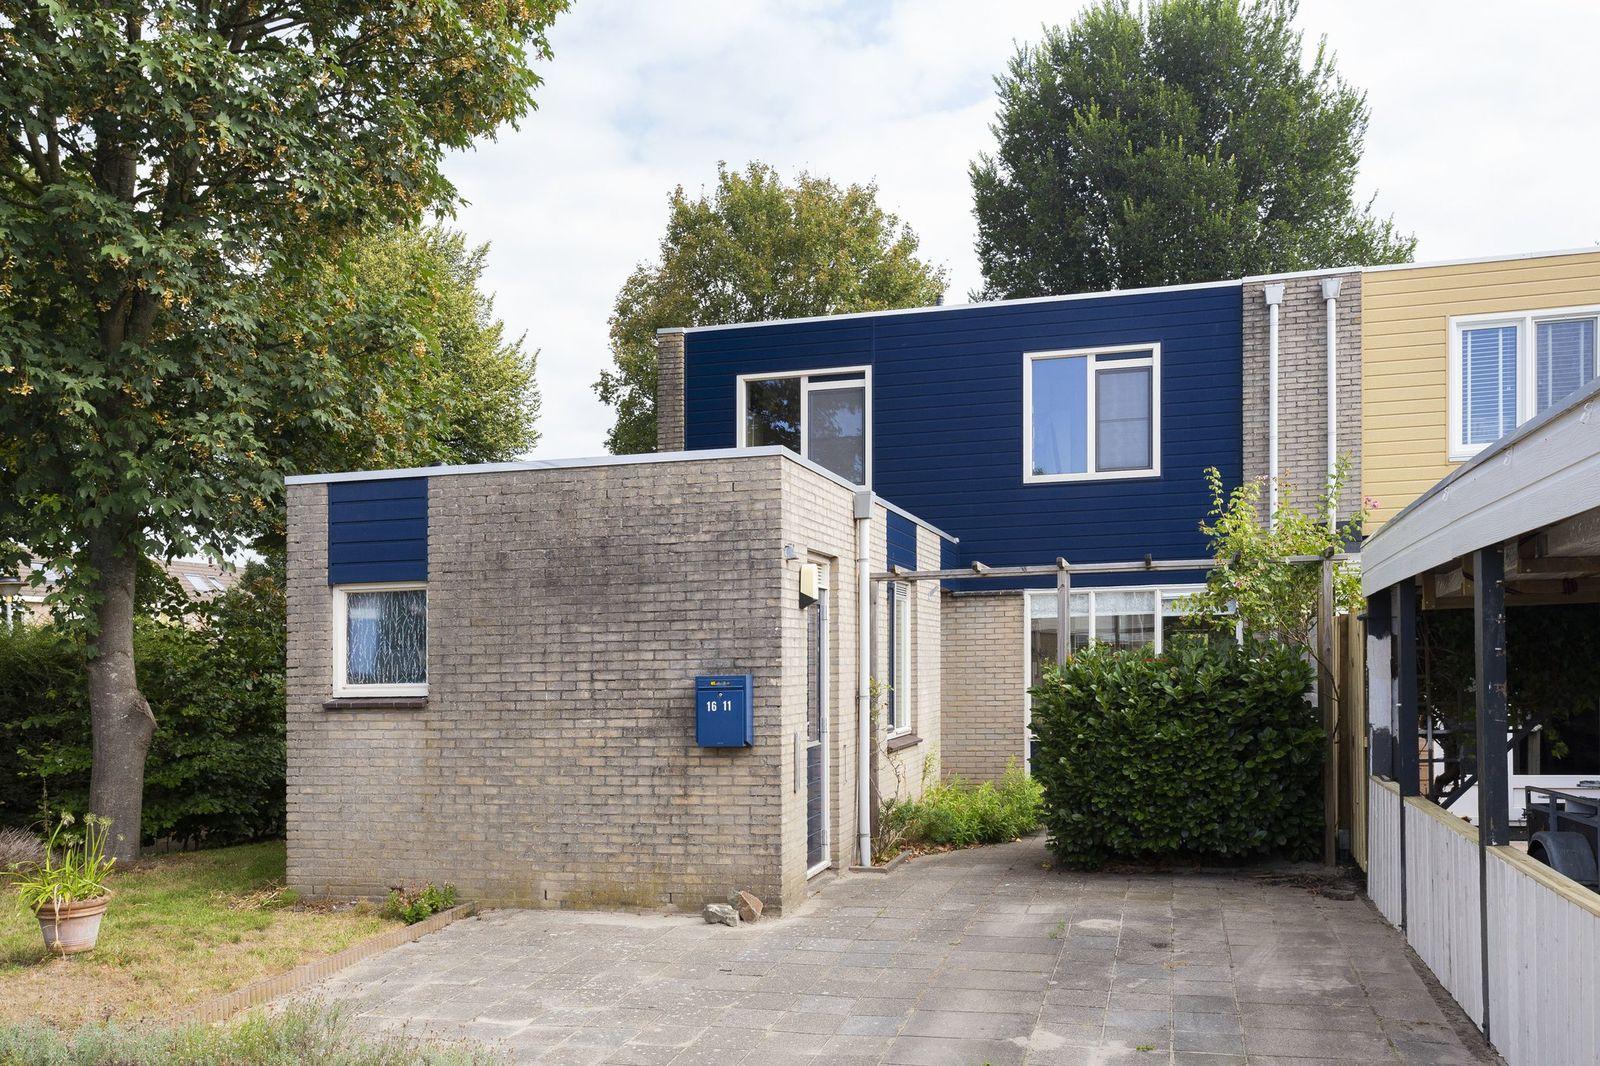 Schoener 16 11, Lelystad